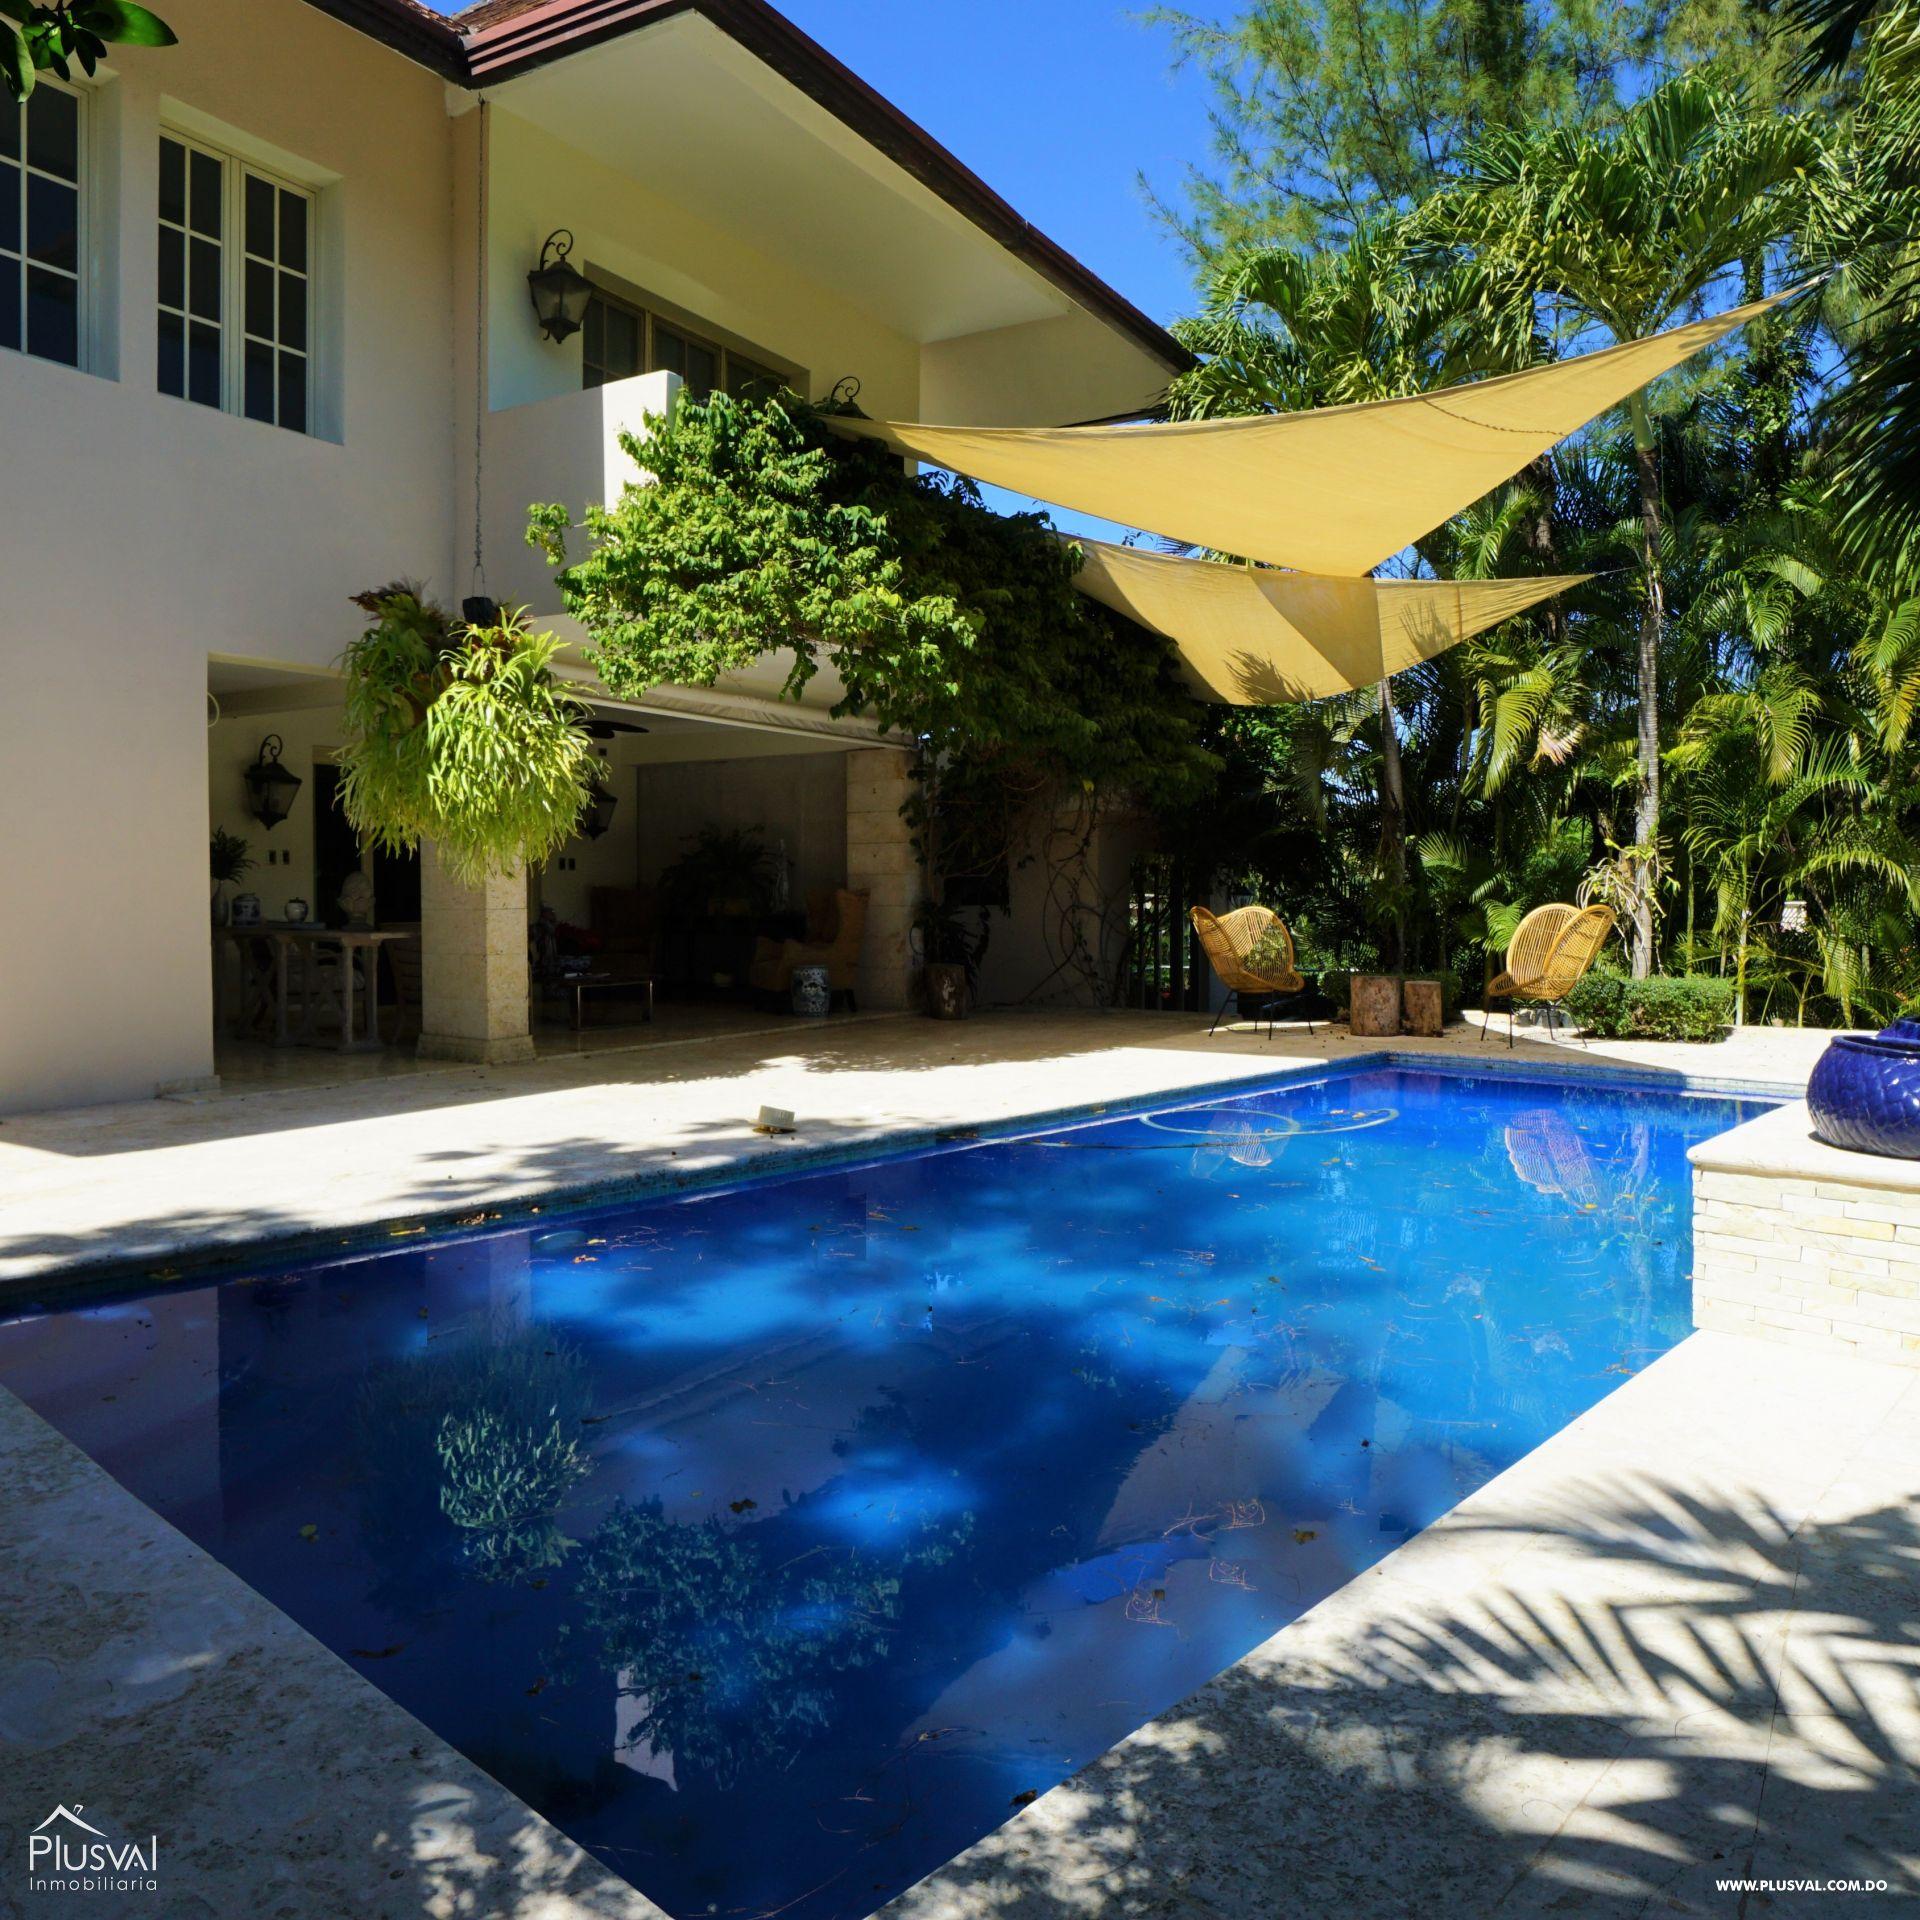 Casa de lujo en venta Arroyo Hondo Viejo 165323